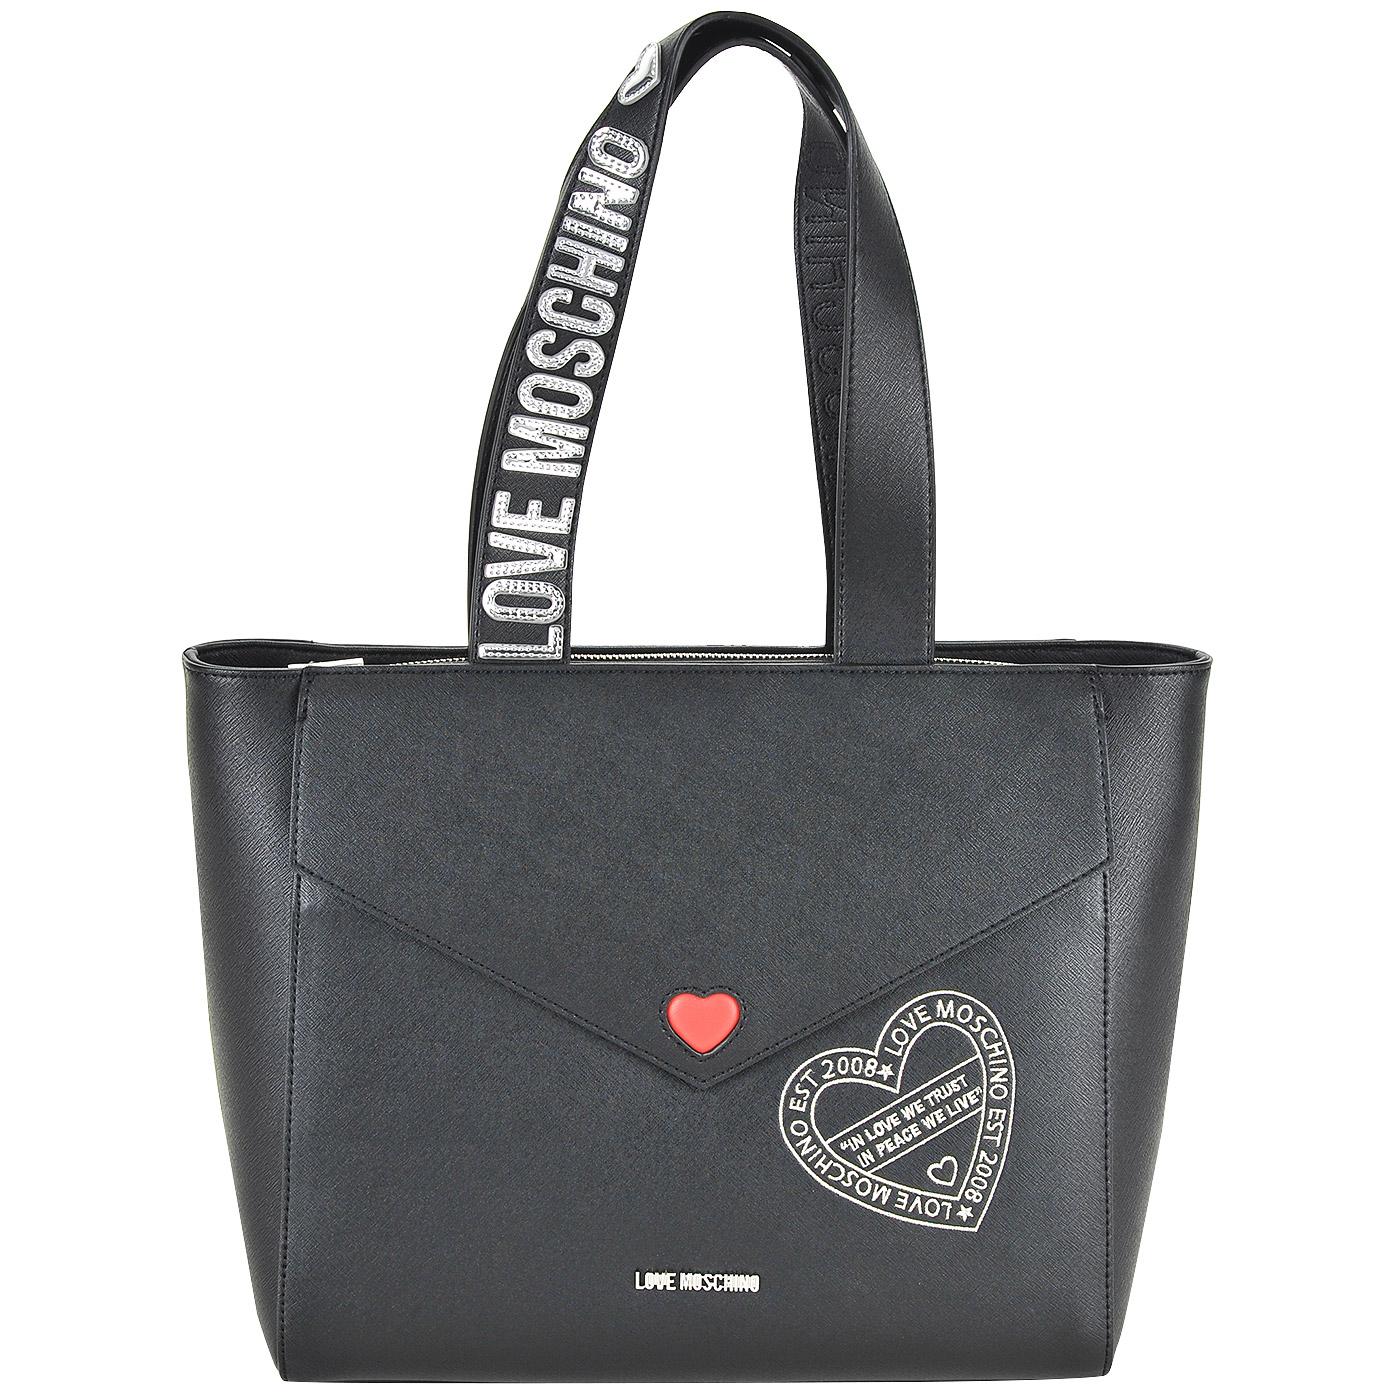 95d317059425 Вместительная женская сумка с длинными ручками Love Moschino Pocket love ...